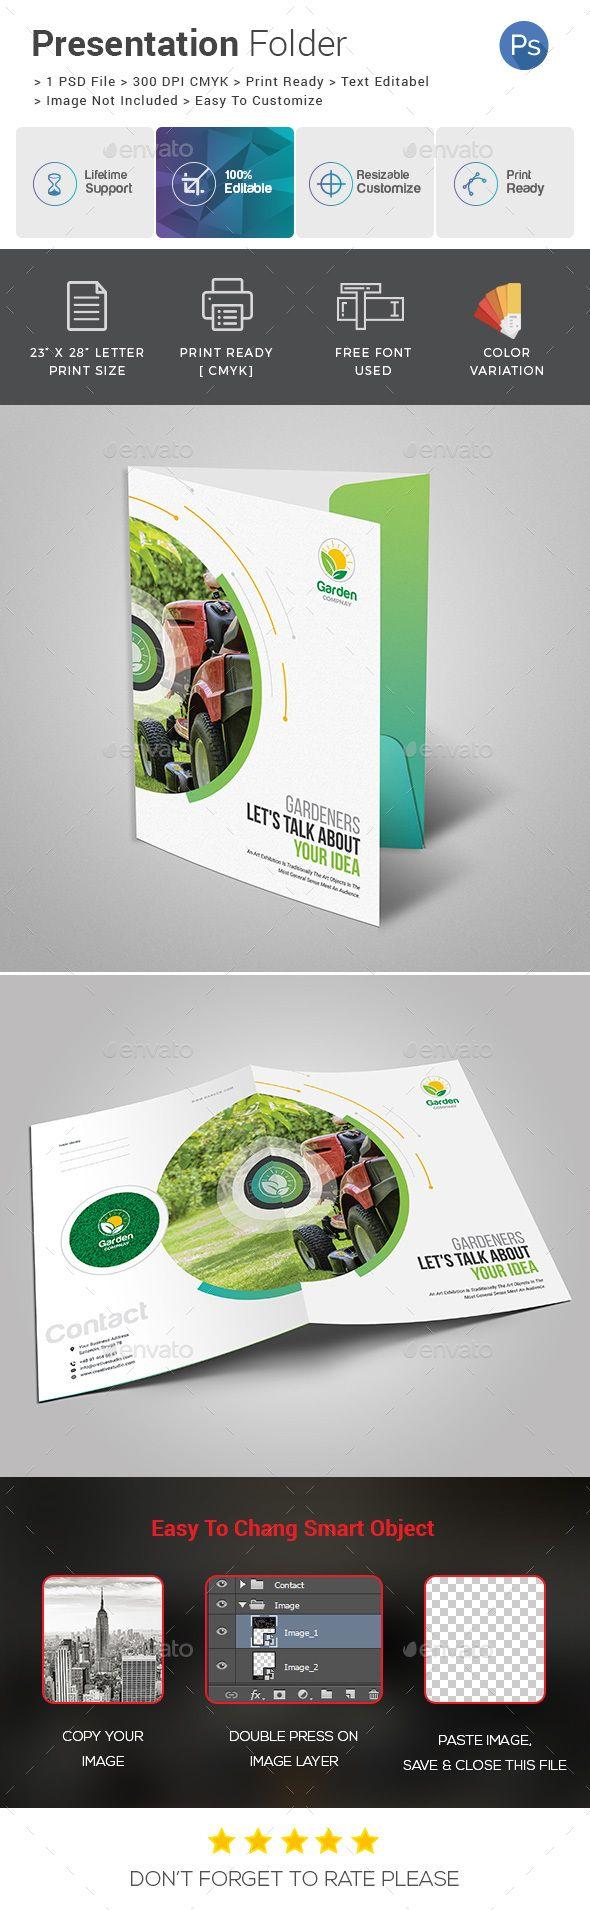 ebafc0811618ef7294f1cb93bd729ea0, Presentation templates